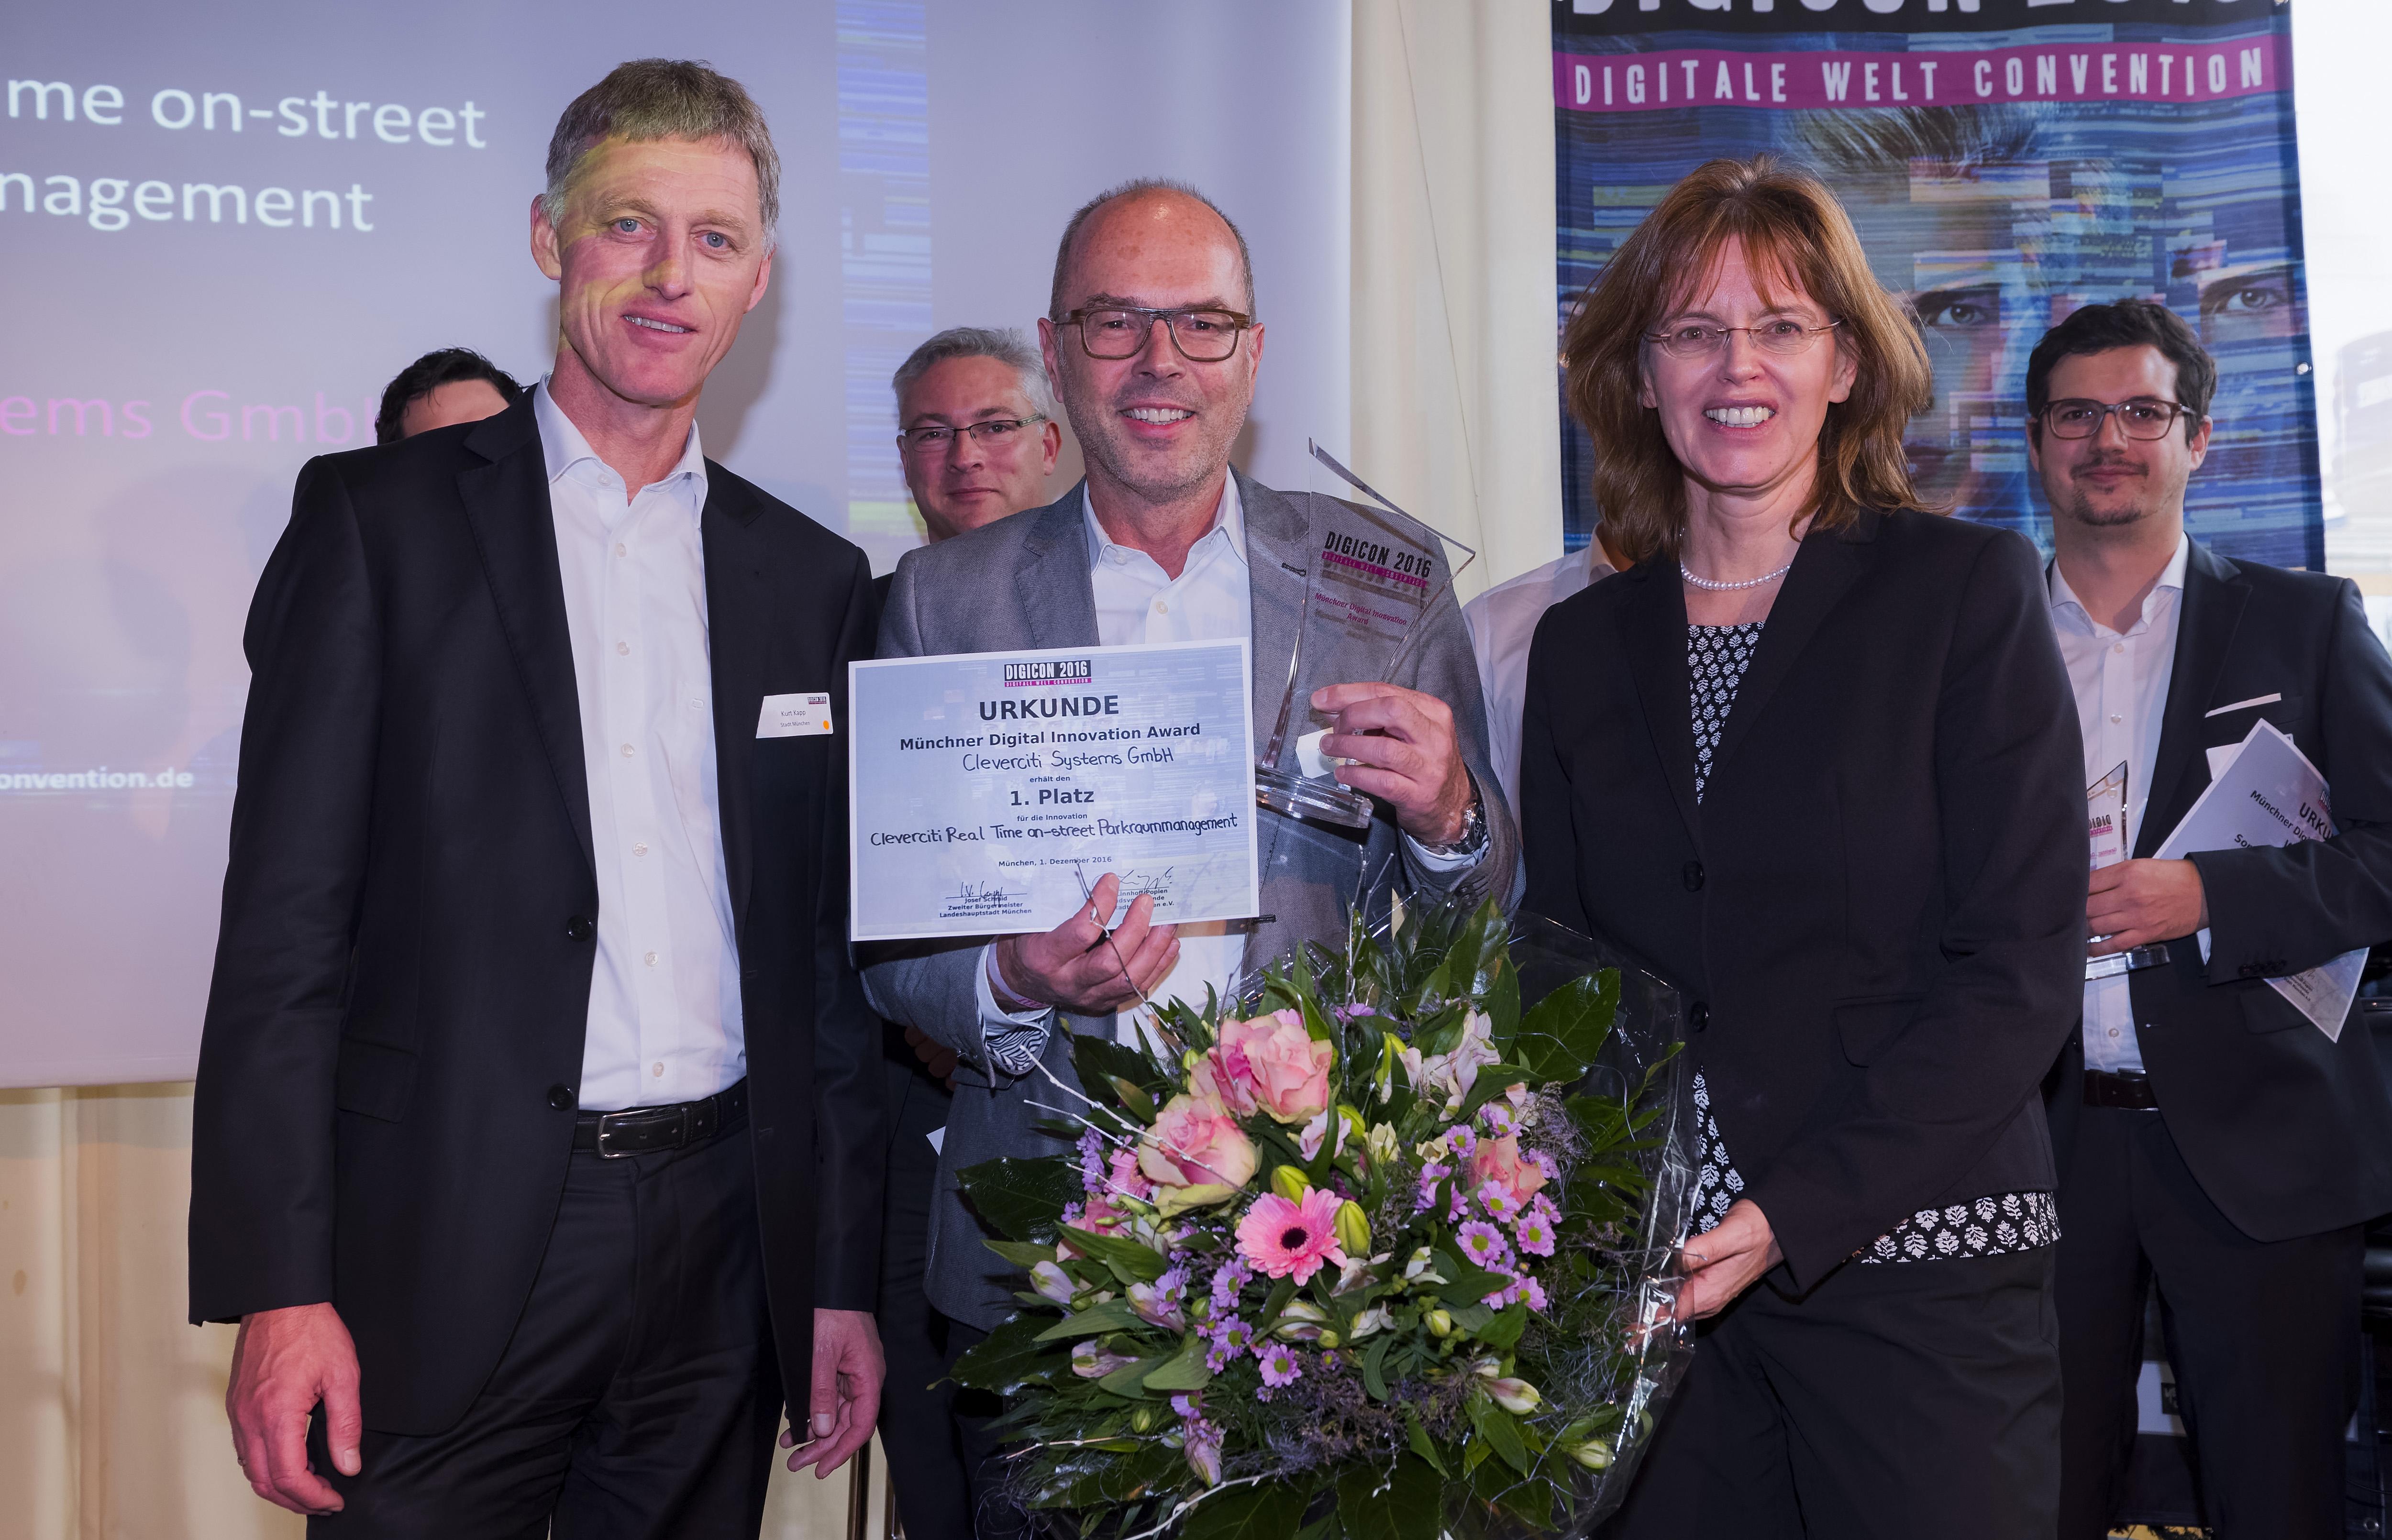 Der Müncher Digital Innovation Award 2016 wurde vom Leiter der Wirtschaftsförderung des Referats für Arbeit der Stadt München, Kurt Kapp, an den Gewinner Cleverciti Systems GmbH überreicht. Die Managementlösung cleveres Parken überzeugte sowohl das Publikum als auch die Jury.